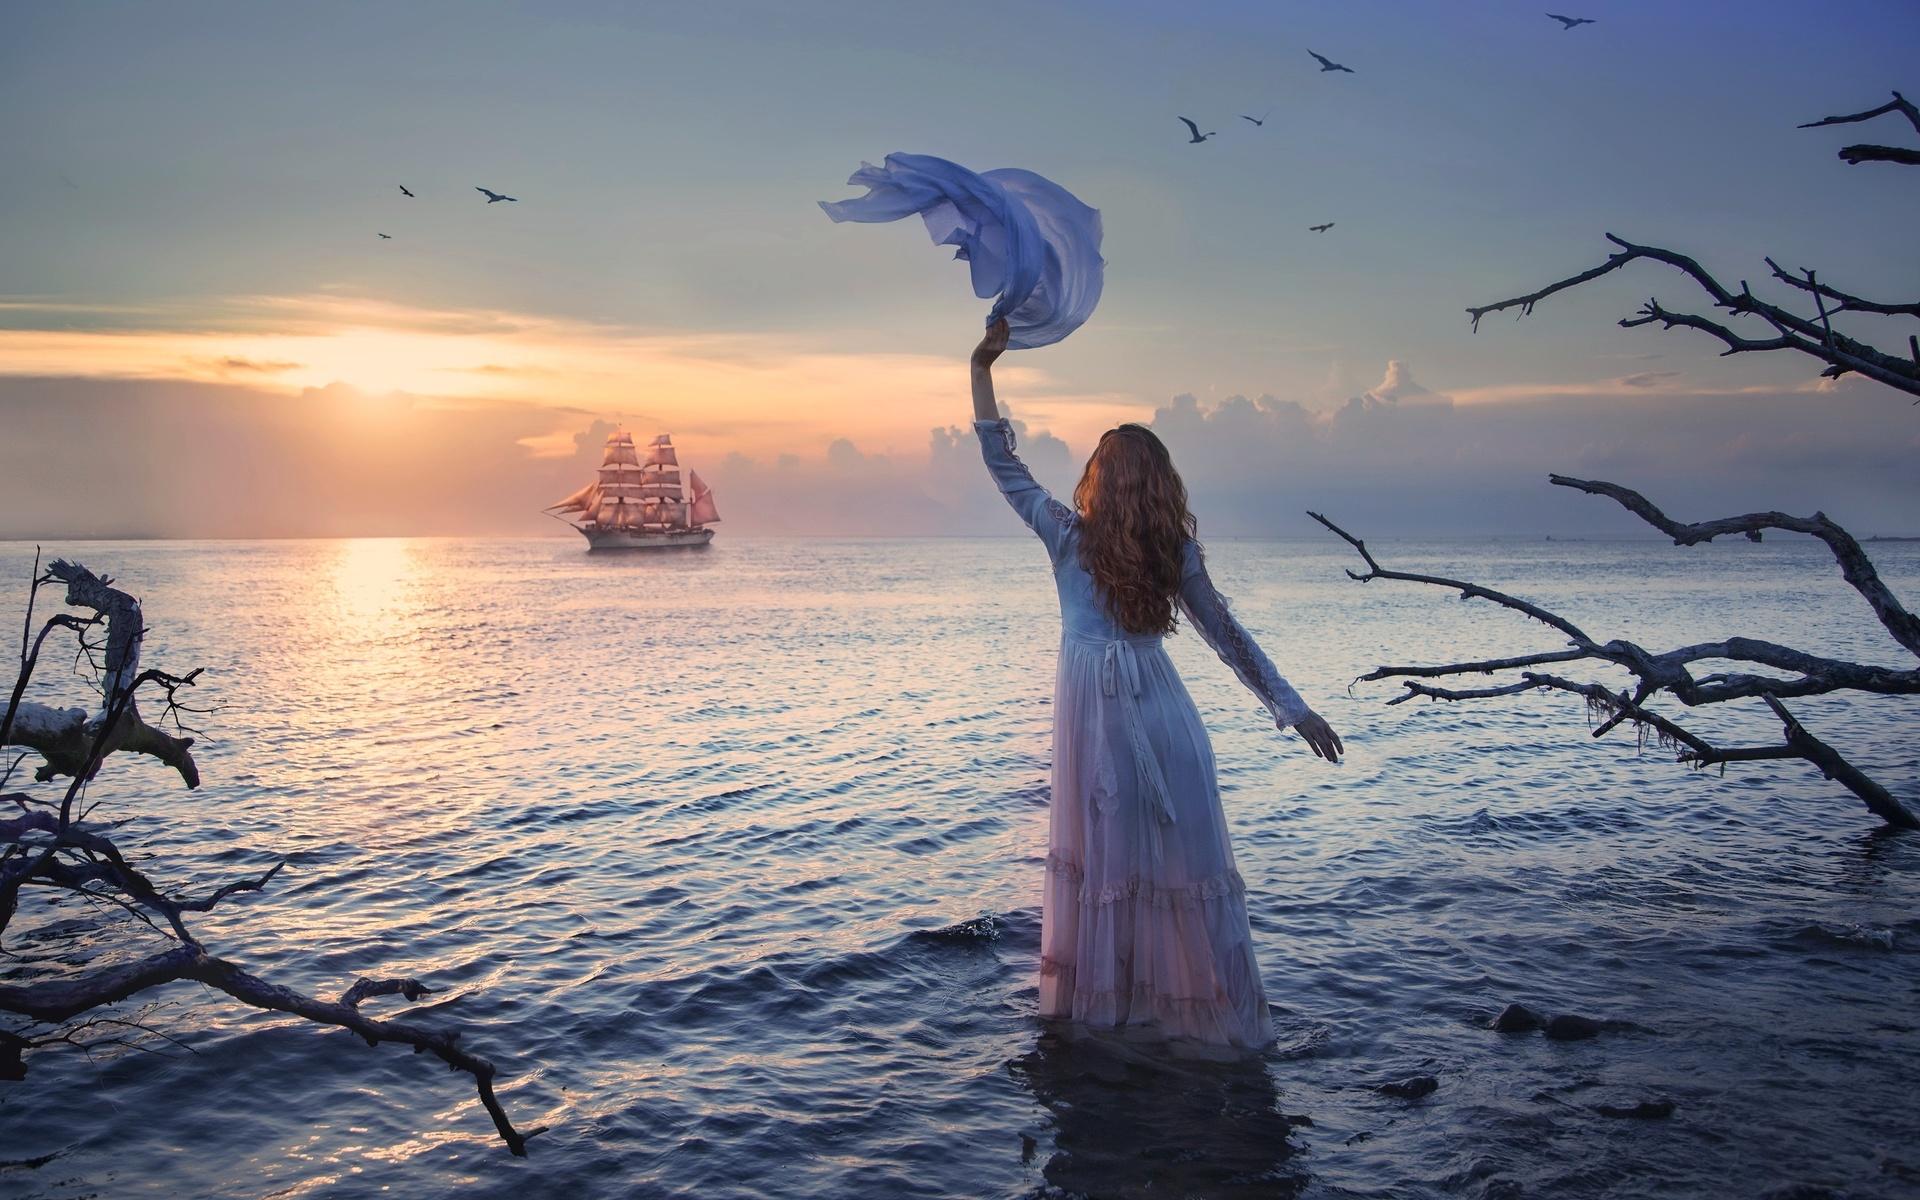 нашего картинка ветер надежды девушка, обладая длинной